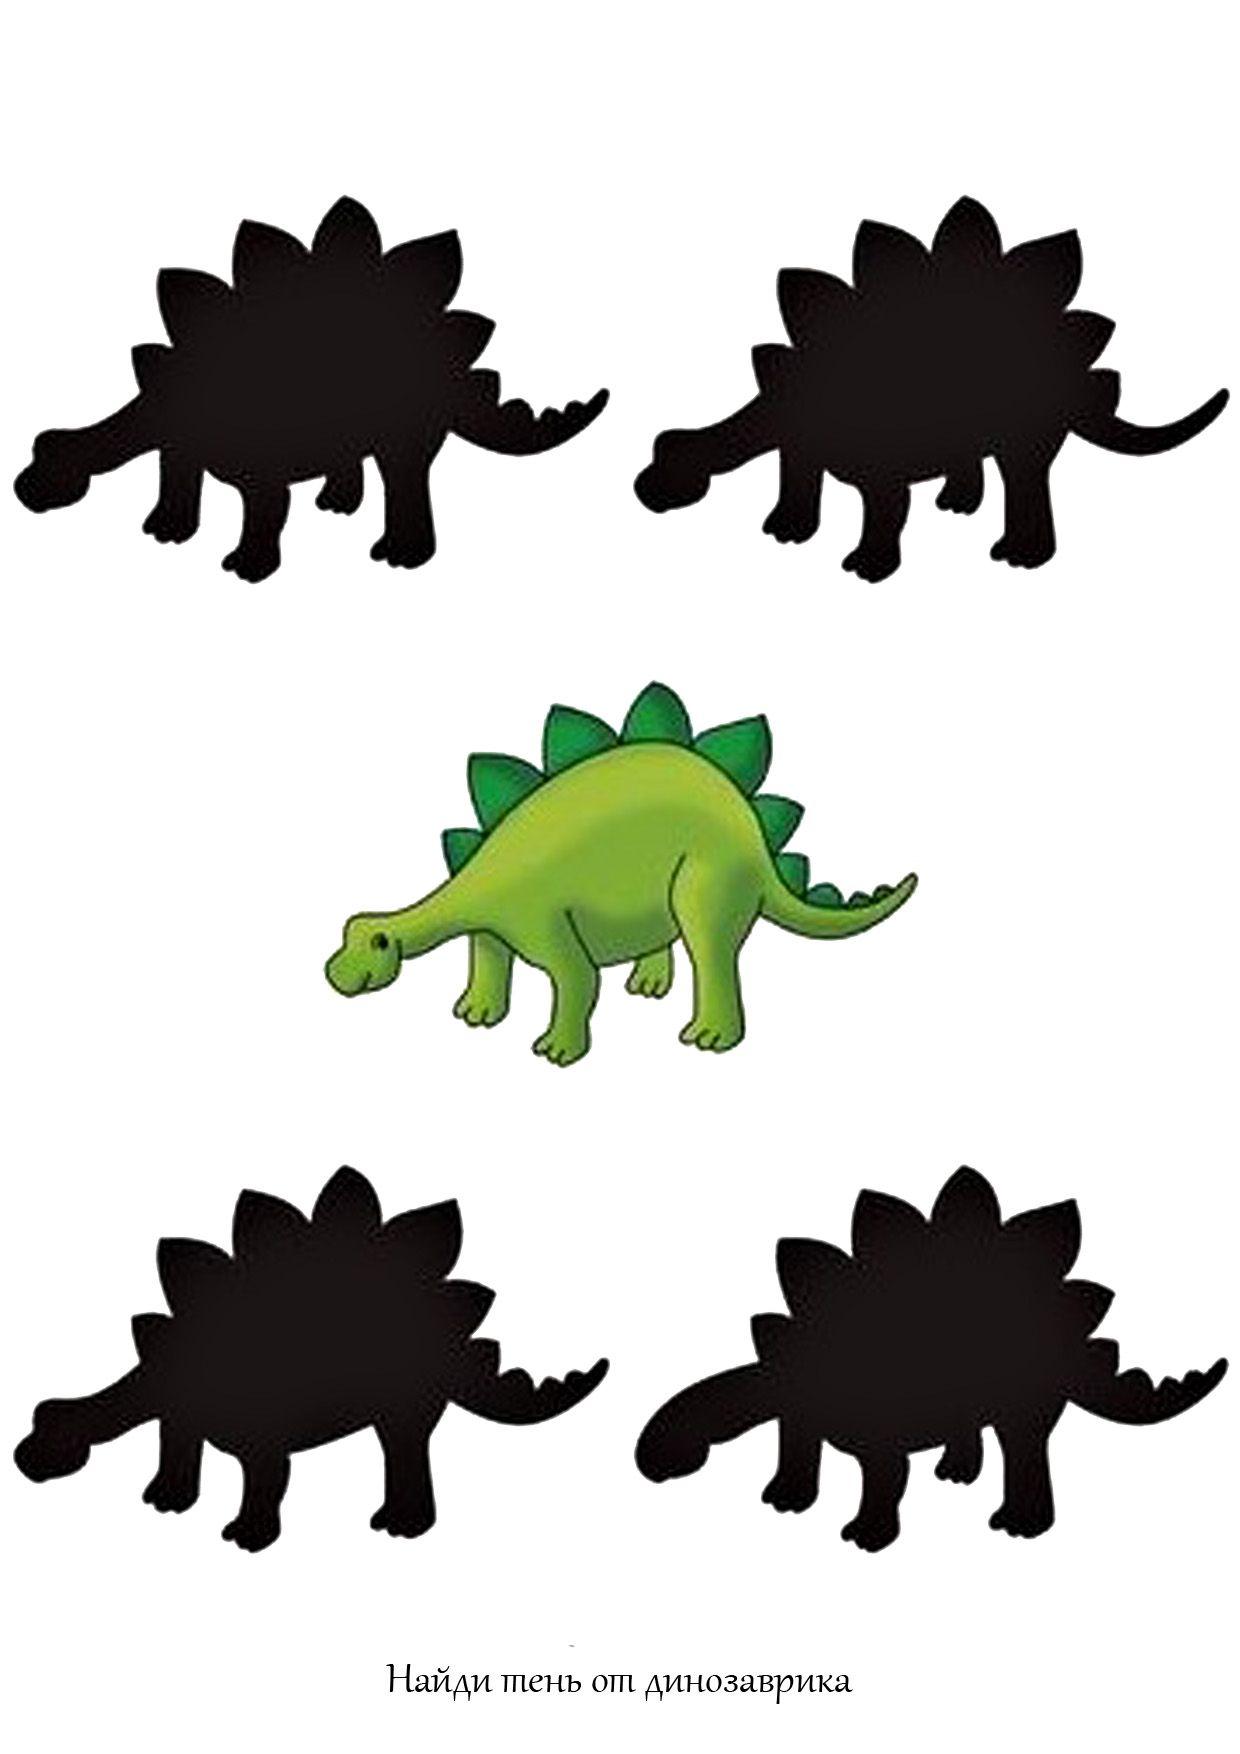 Найди тень. Динозавры | Dinosaurs | Pinterest